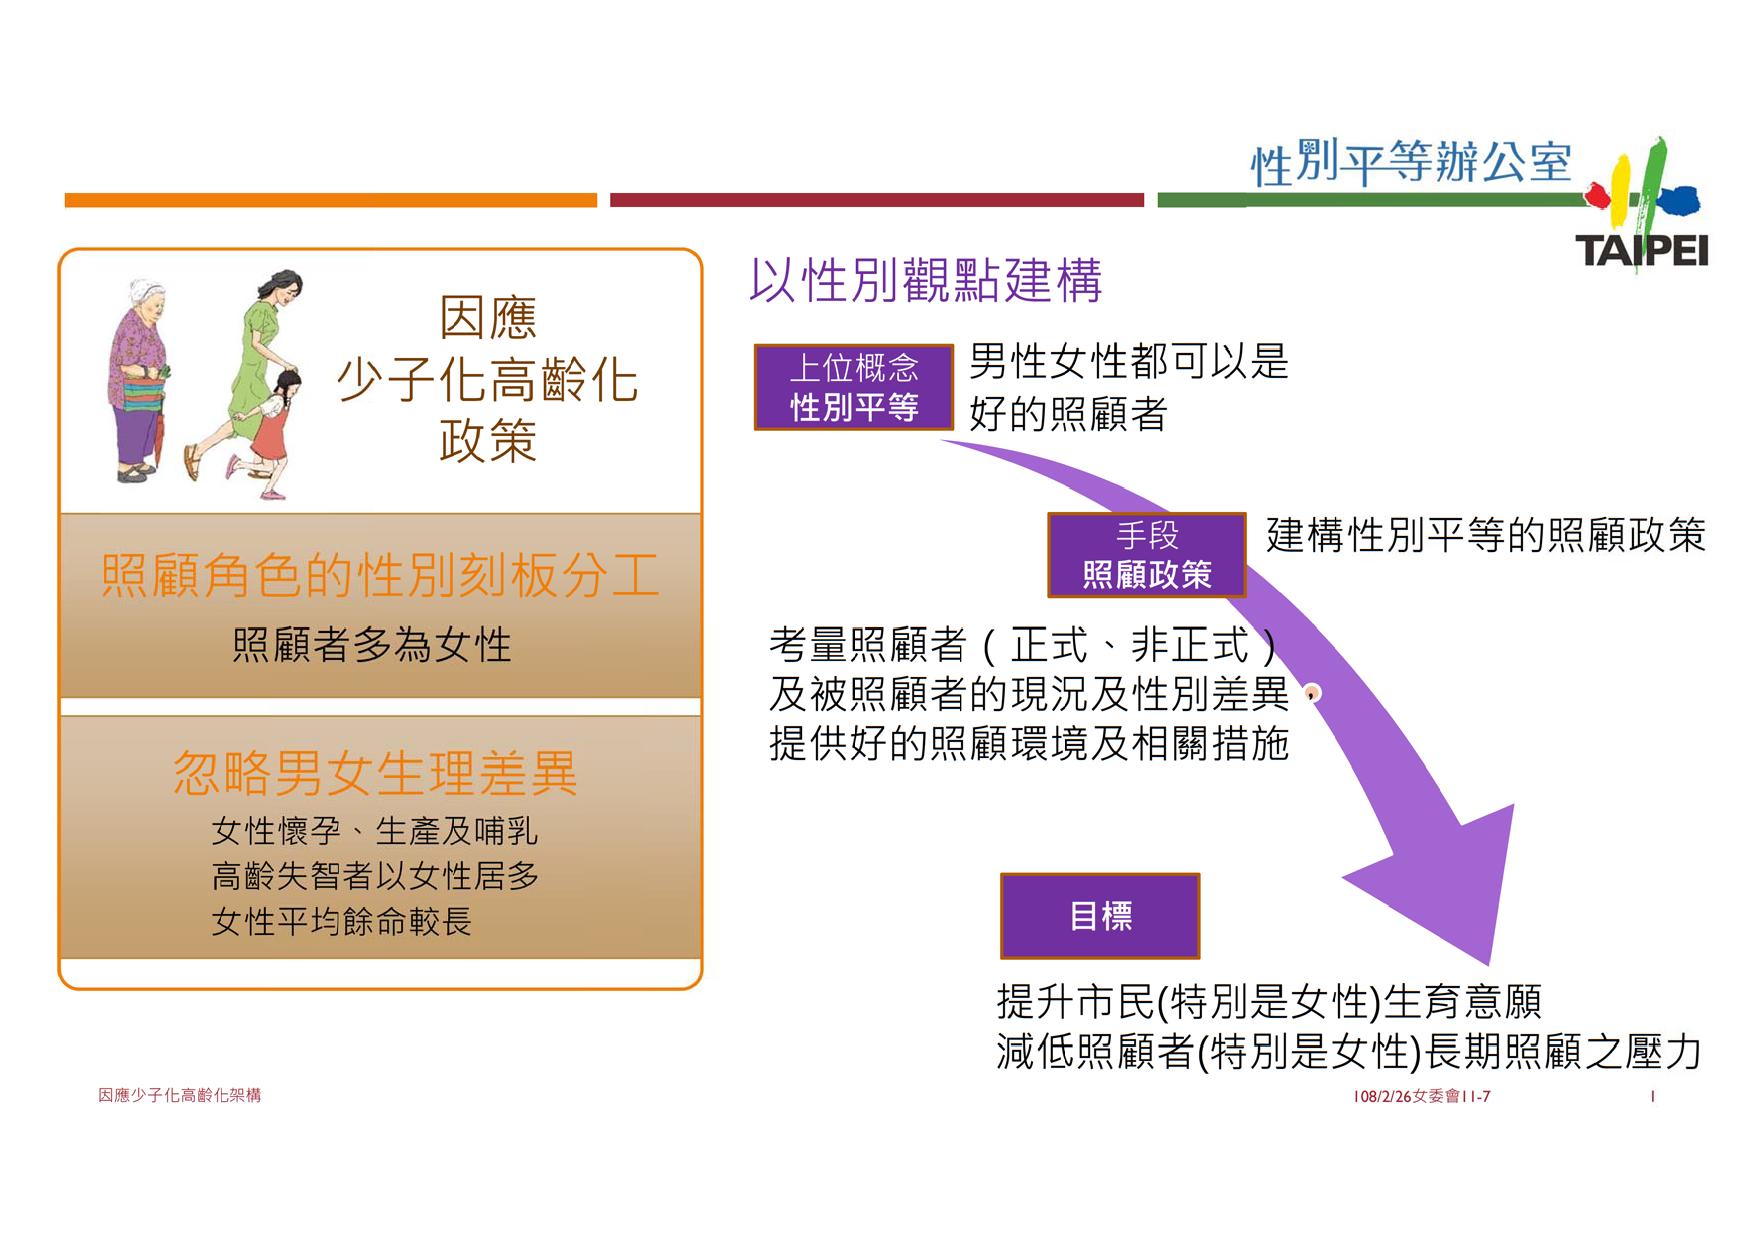 臺灣社會已逐漸邁入少子化及高齡化,許多國家政策亦開始以這兩項主題做規劃,也牽涉到性別平等所關注的照顧議題。於是,為了使臺北市政府的少子化及高齡化政策更具性別意識,便擬訂了本項3年政策計畫,以作為各機關構政策擬訂及執行的追蹤機制。